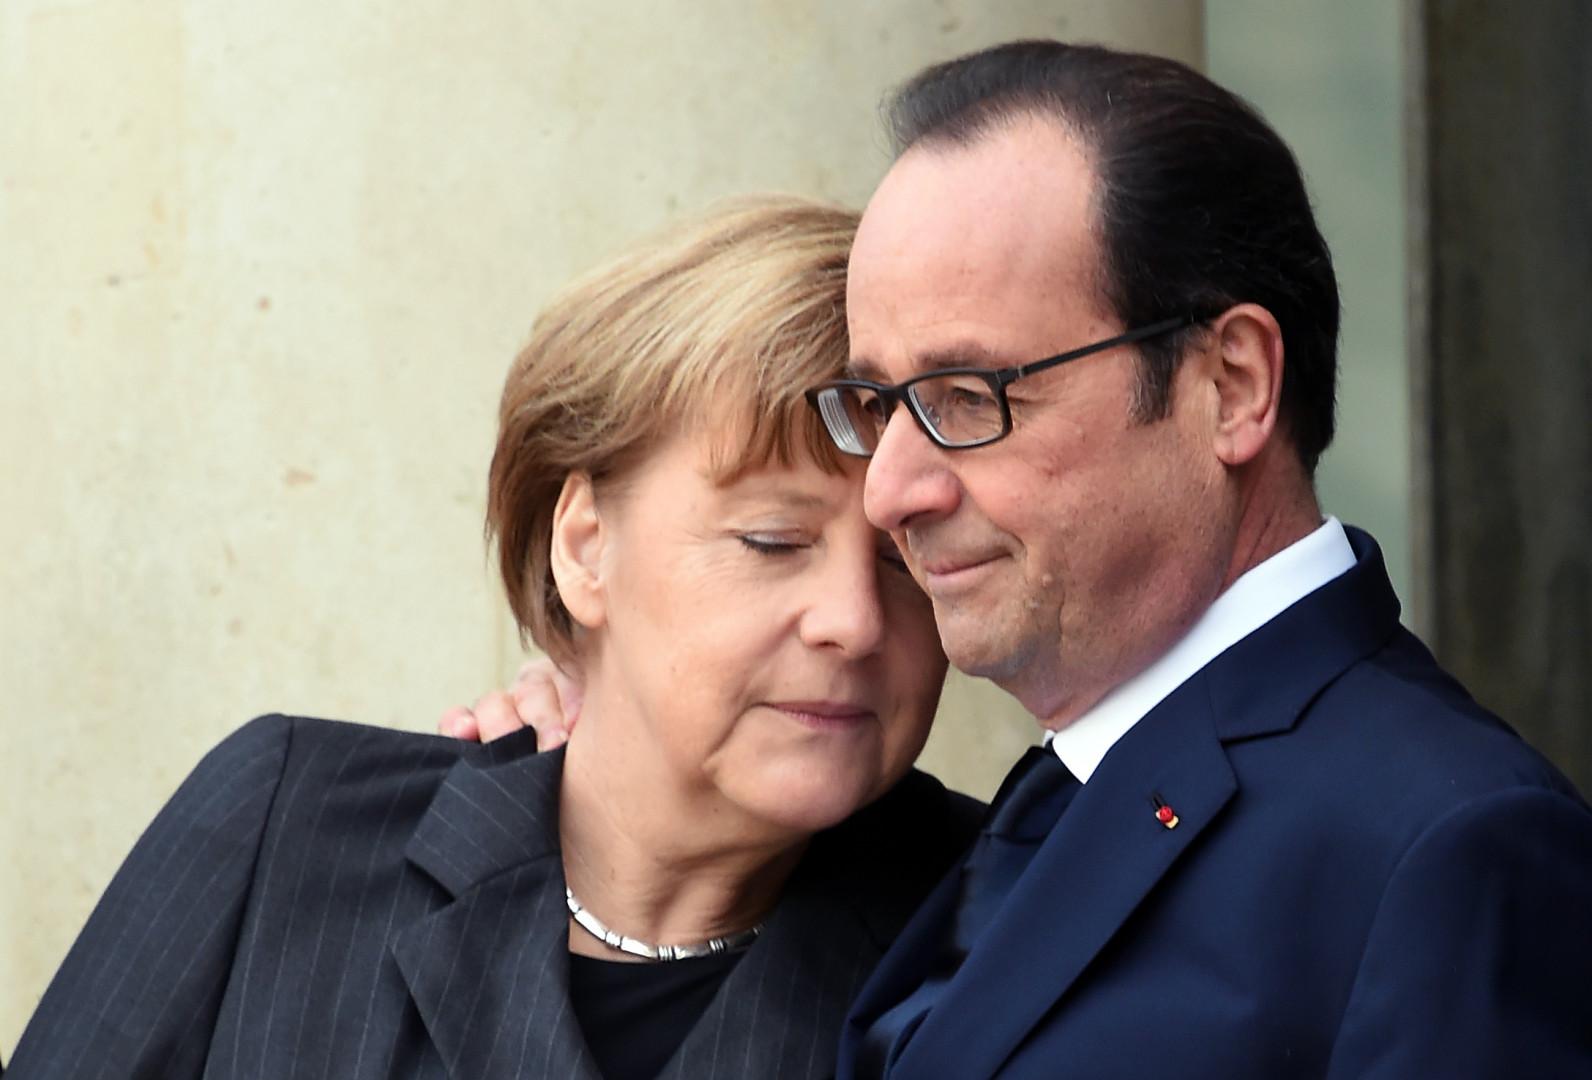 Angela Merkel réconforte François Hollande après les attentats, le 11 janvier 2015